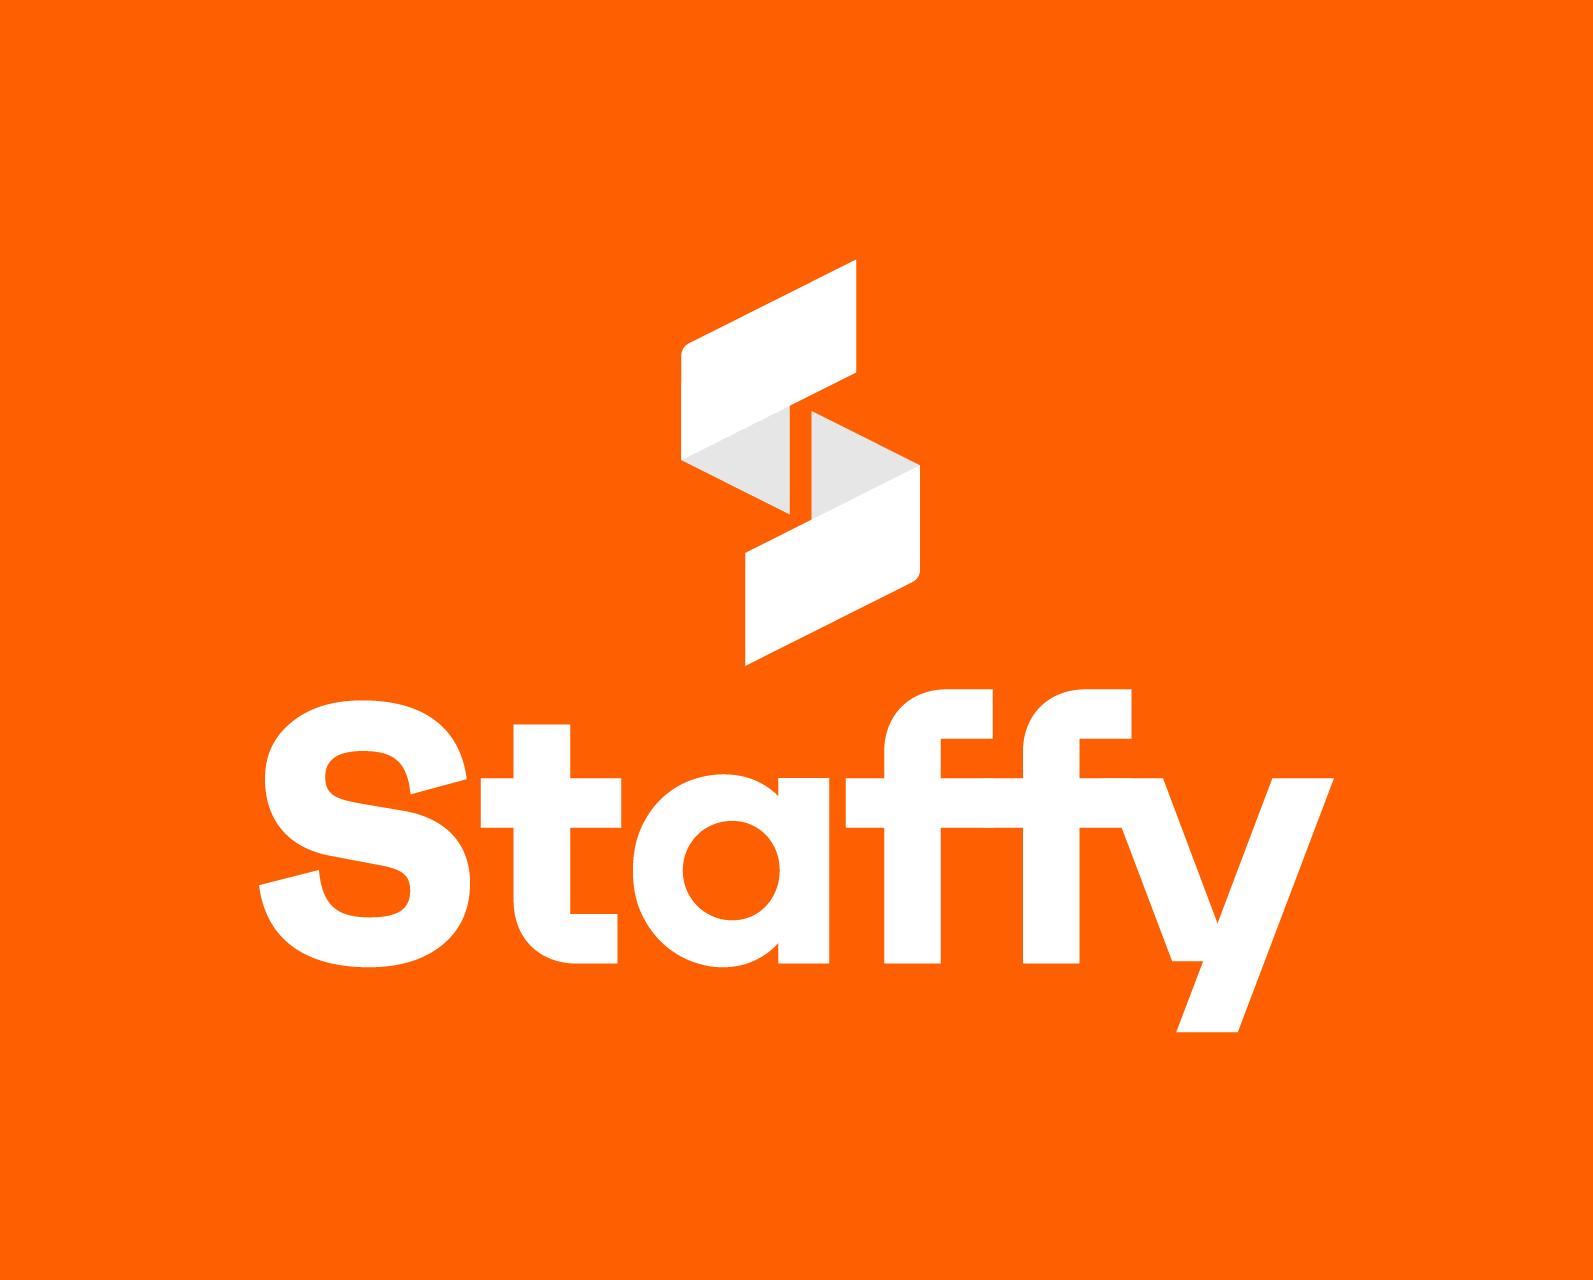 Staffy_Logo_NRN_Orange_Full_White_On_OJ